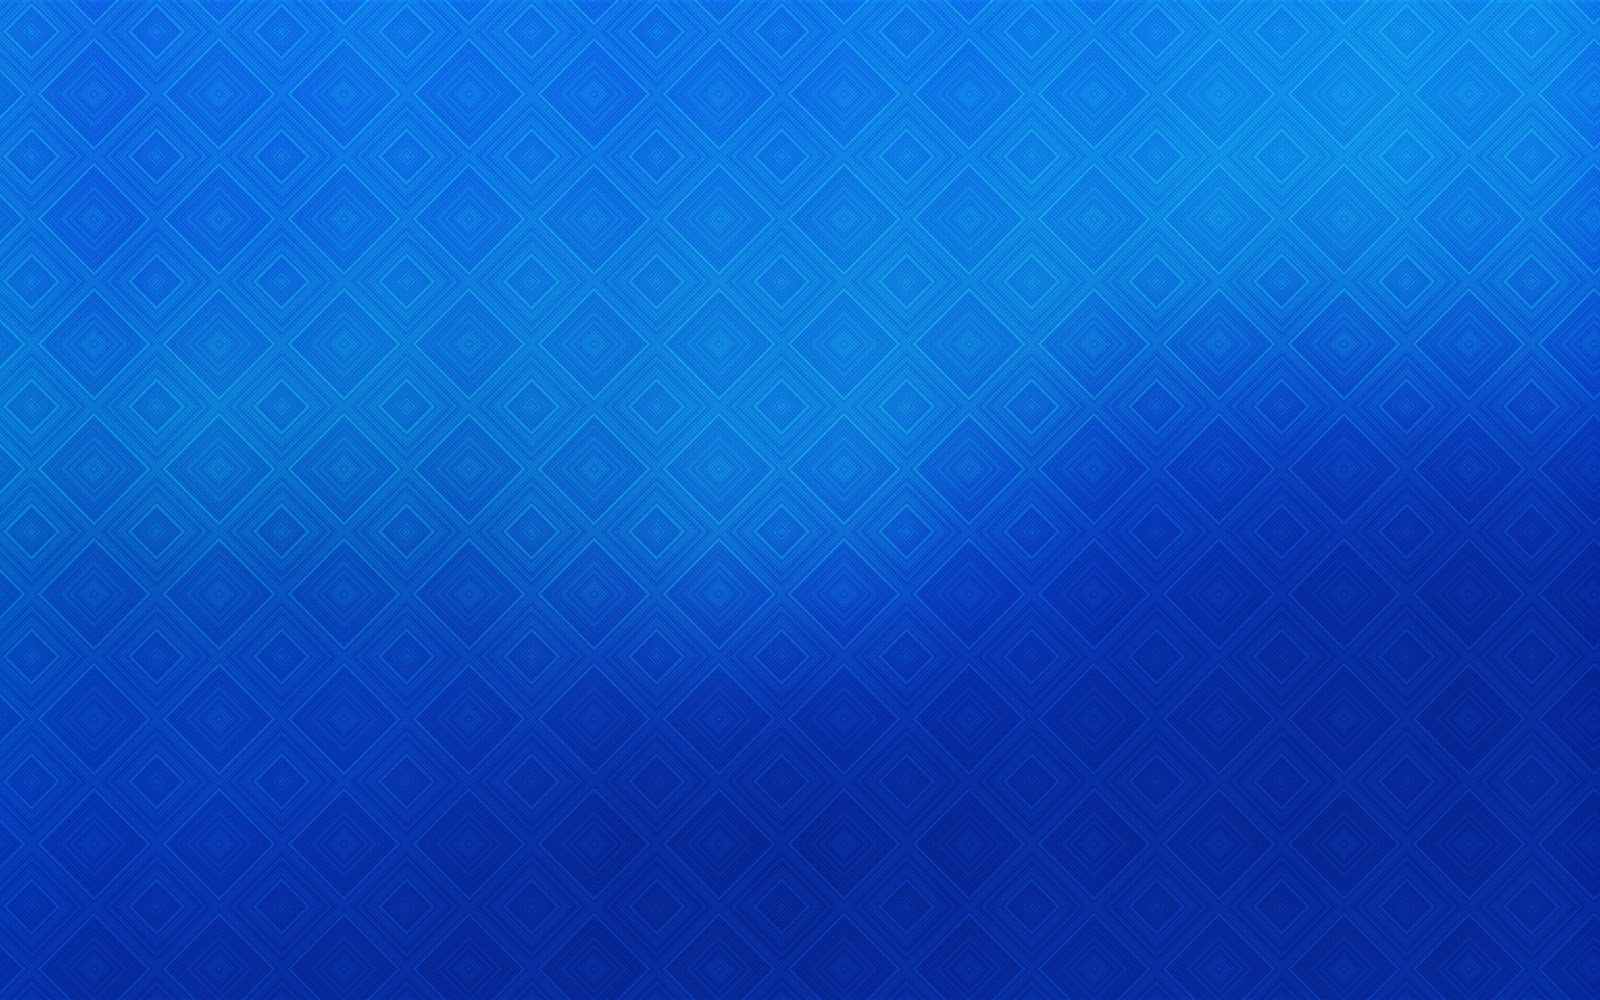 Blauwe Achtergronden Hd Wallpapers